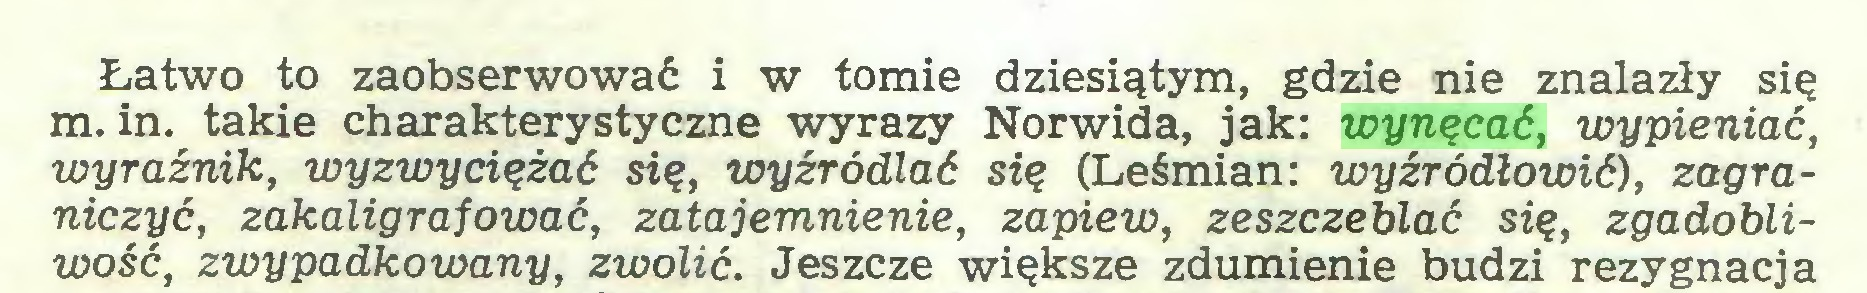 (...) Łatwo to zaobserwować i w tomie dziesiątym, gdzie nie znalazły się m. in. takie charakterystyczne wyrazy Norwida, jak: wynęcać, wypieniać, wyraźnik, wy zwyciężać się, wyźródlać się (Leśmian: wyźródłowić), zagraniczyć, zakaligrafować, zatajemnienie, zapiew, zeszczeblać się, zgadobliwość, zwypadkowany, zwolić. Jeszcze większe zdumienie budzi rezygnacja...